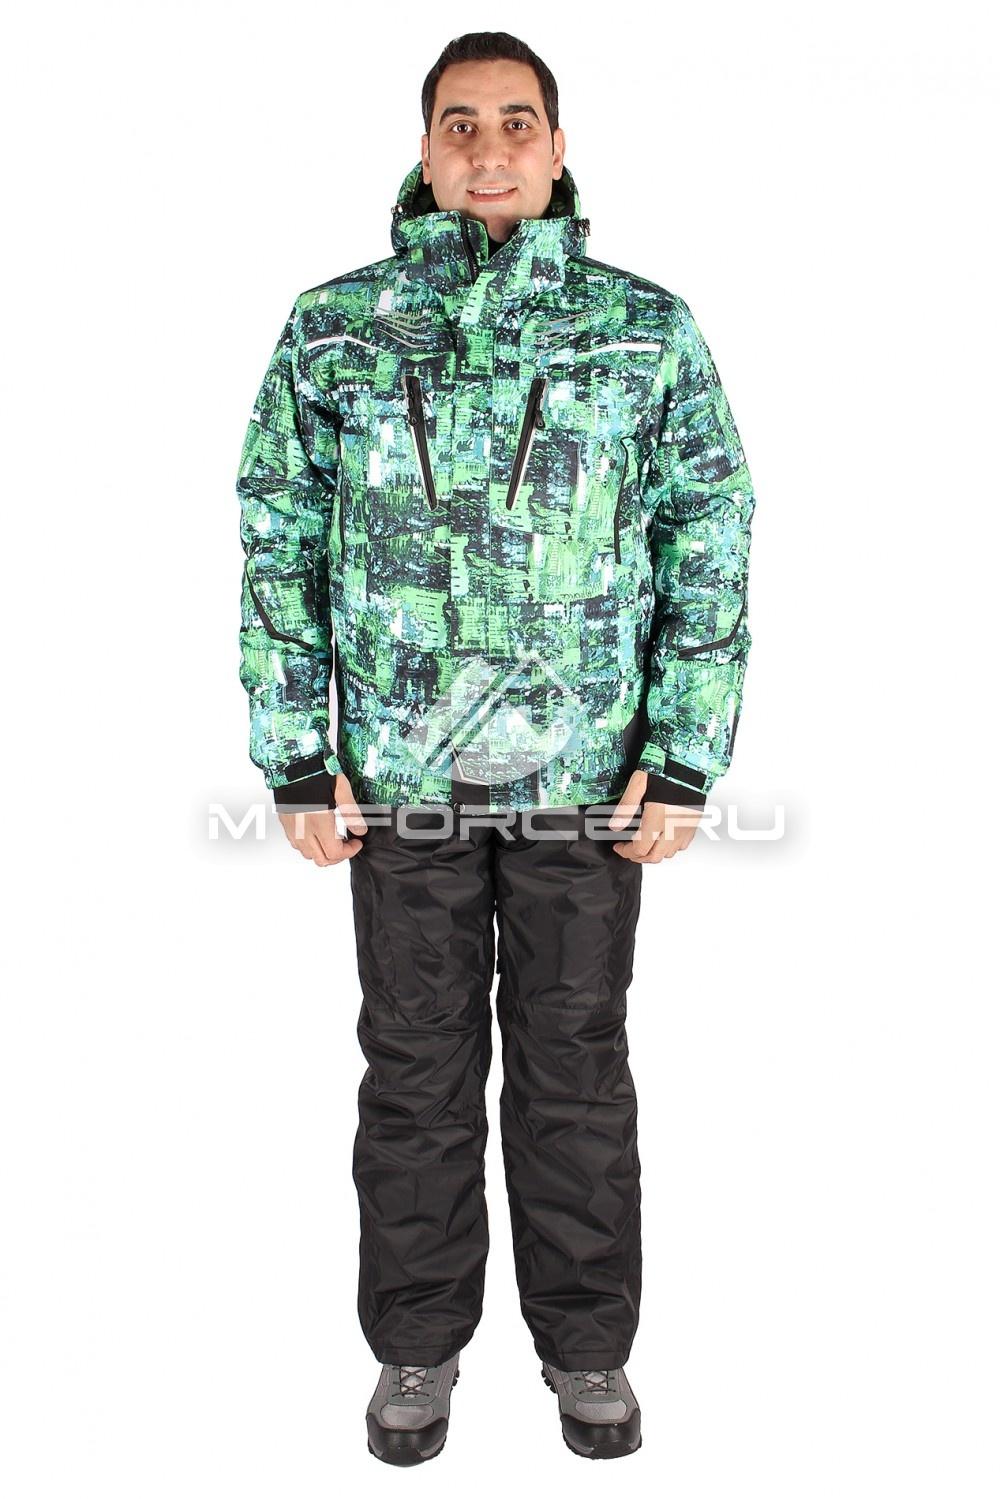 Купить оптом Костюм горнолыжный мужской зеленого цвета 01551Z